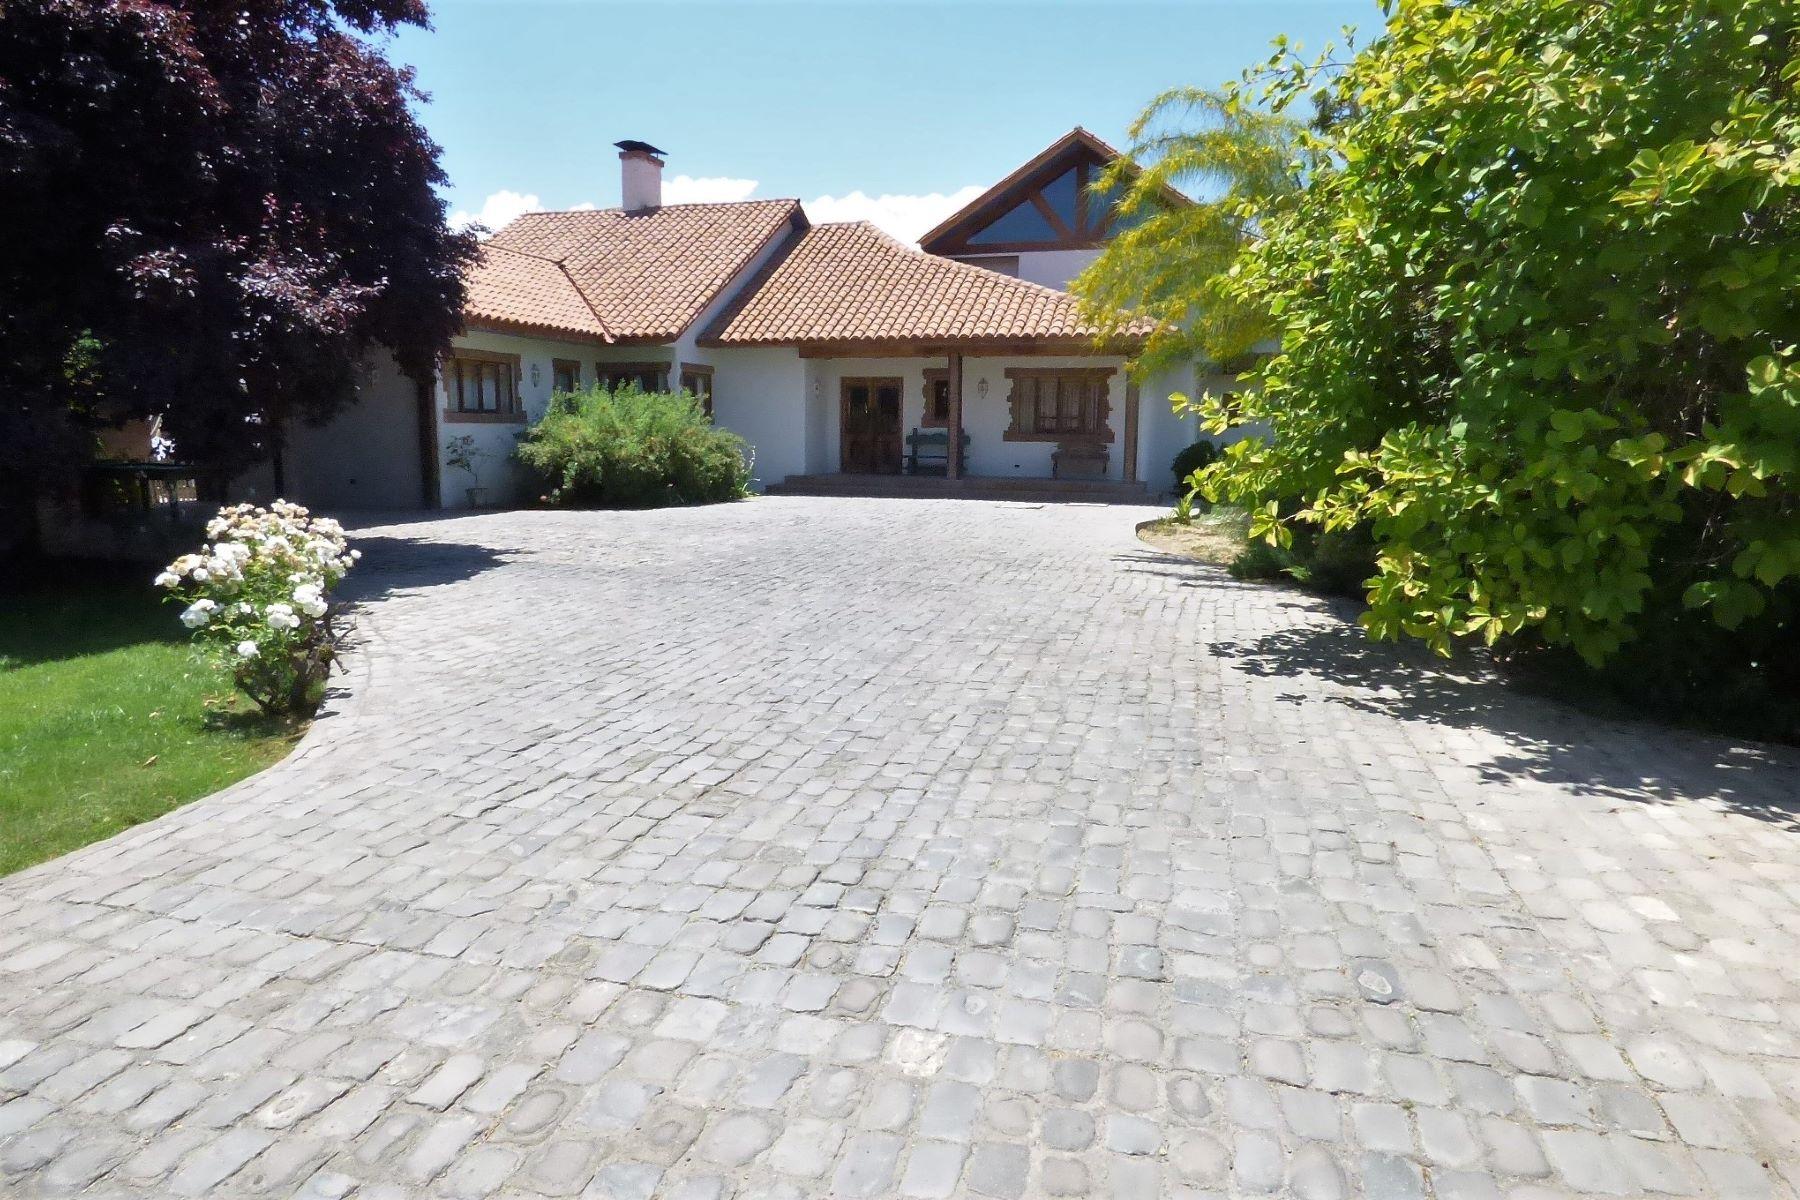 Maison unifamiliale pour l à vendre à Marvelous Chilean House in Santa María Valparaiso, Valparaiso, Chili